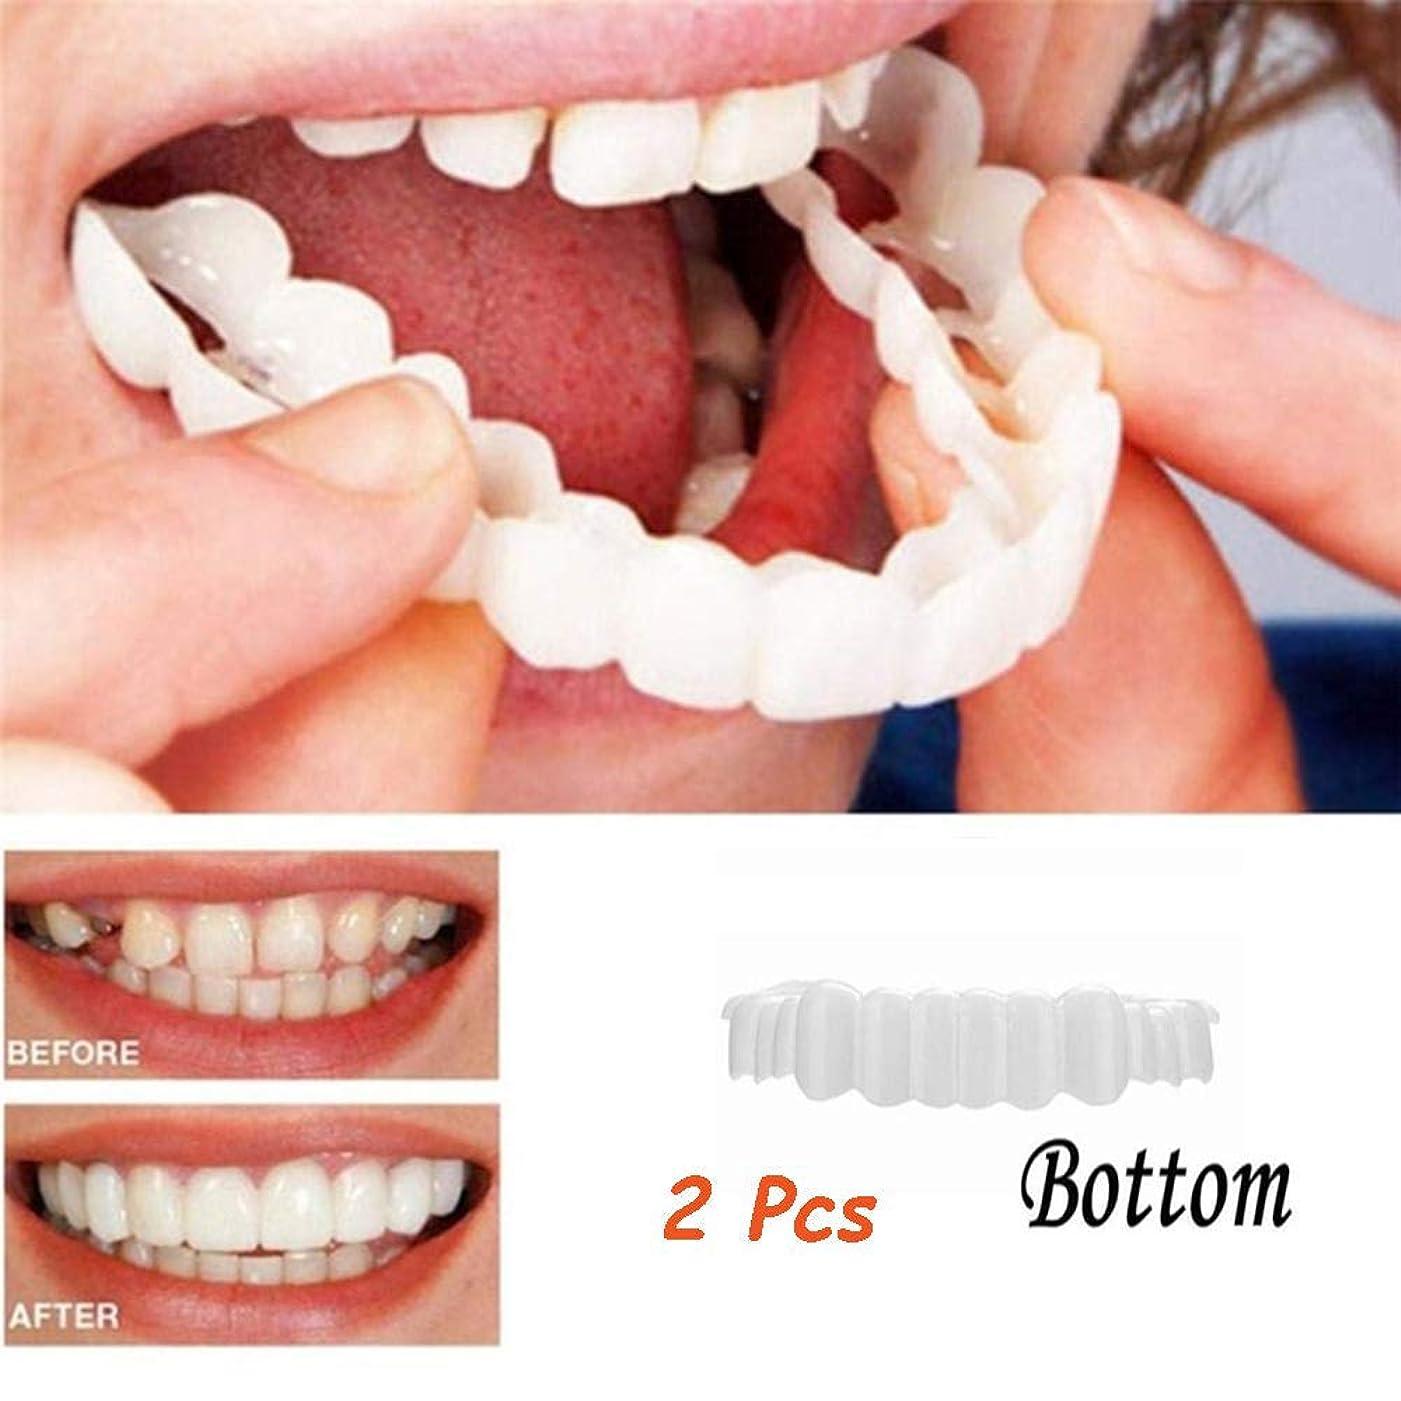 平和フクロウおいしい2ピース美しい快適フィットフレックス化粧品歯義歯歯底化粧品突き板ホワイトニングスナップオンスマイル歯化粧品義歯